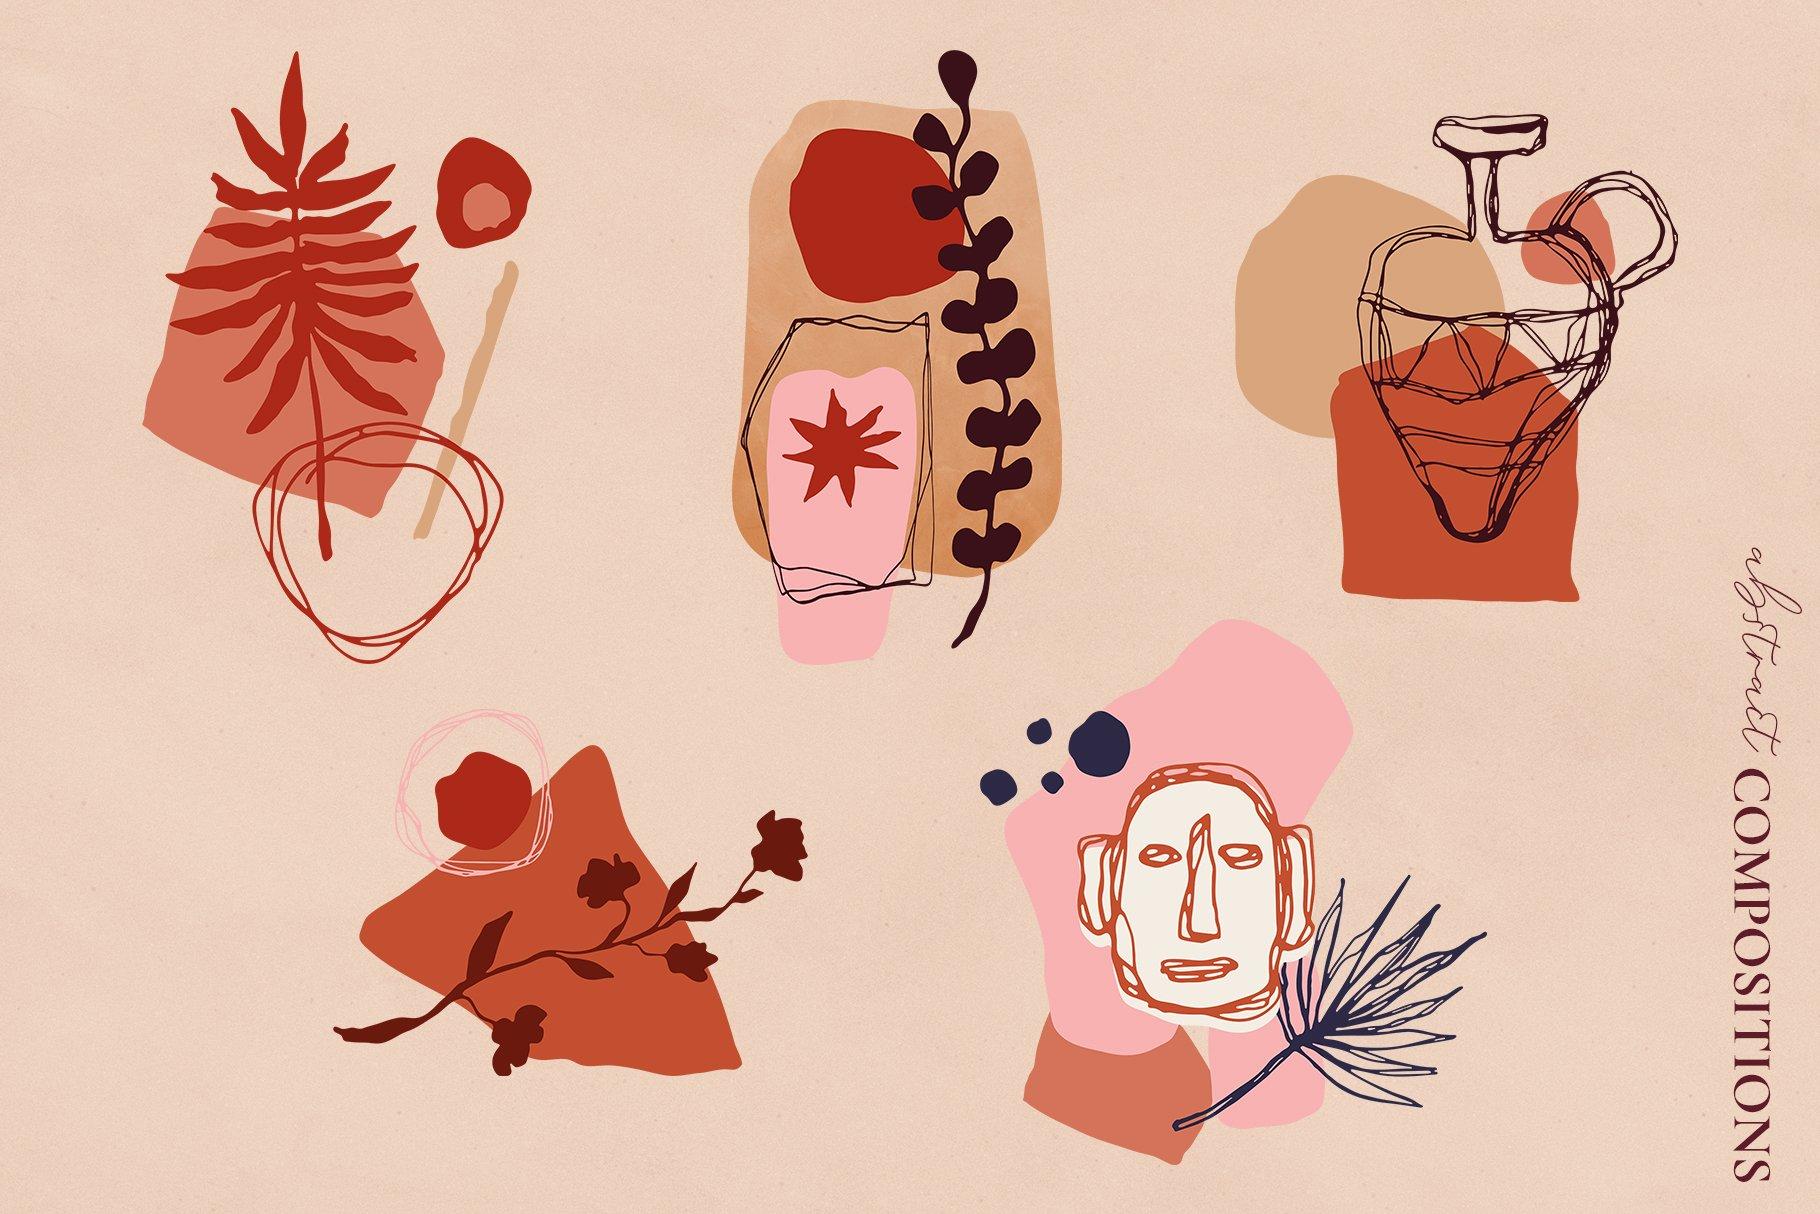 [单独购买] 现代优雅抽象花卉图形艺术线条金色箔纸设计套件 Abstract Line Art Design Kit插图4